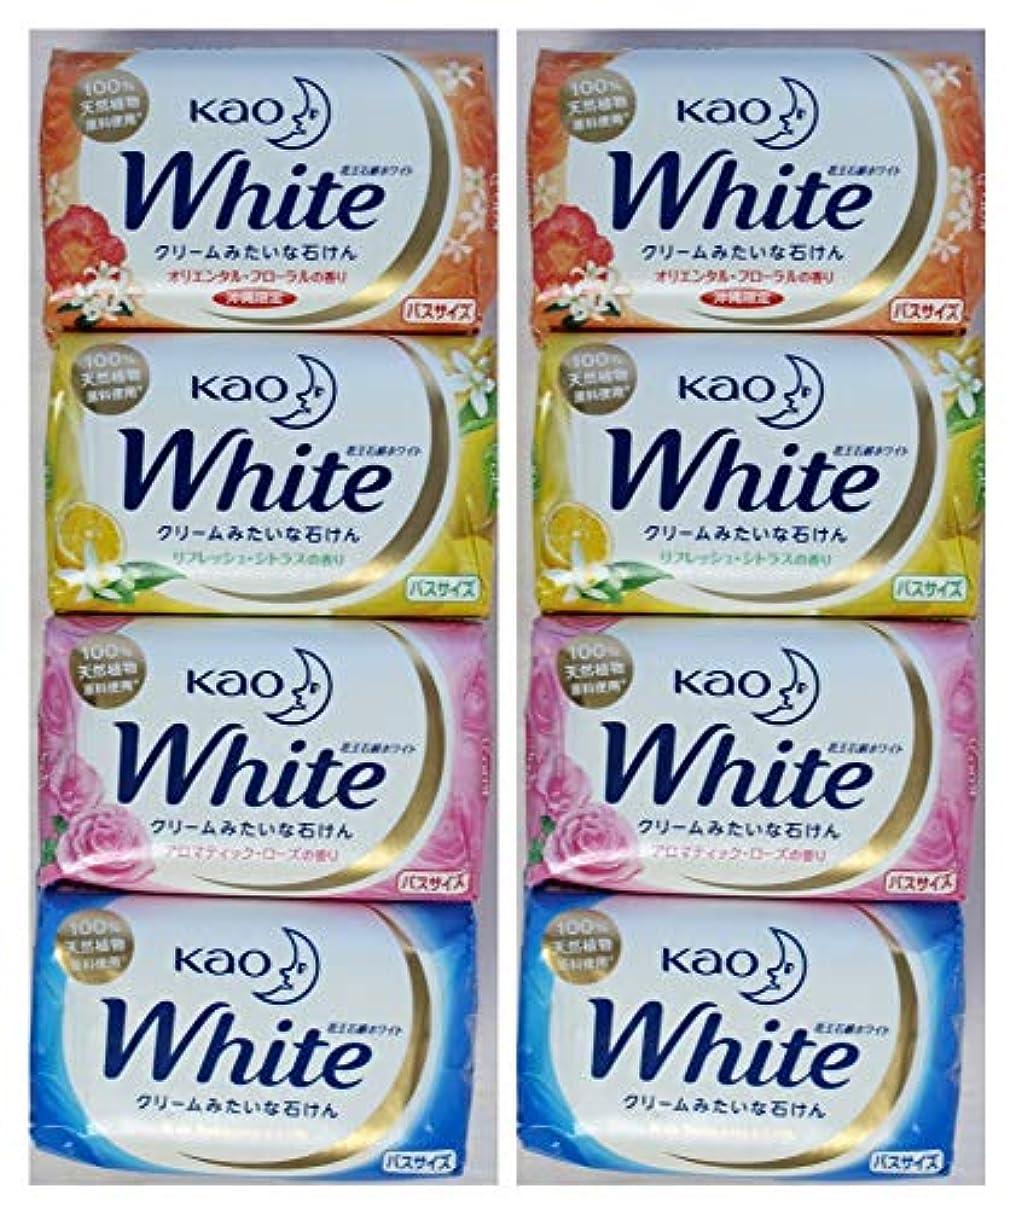 気味の悪い無許可脊椎561988-8P 花王 Kao 石けんホワイト 4つの香り(オリエンタルフローラル/ホワイトフローラル/アロマティックローズ/リフレッシュシトラスの4種) 130g×4種×2set 計8個